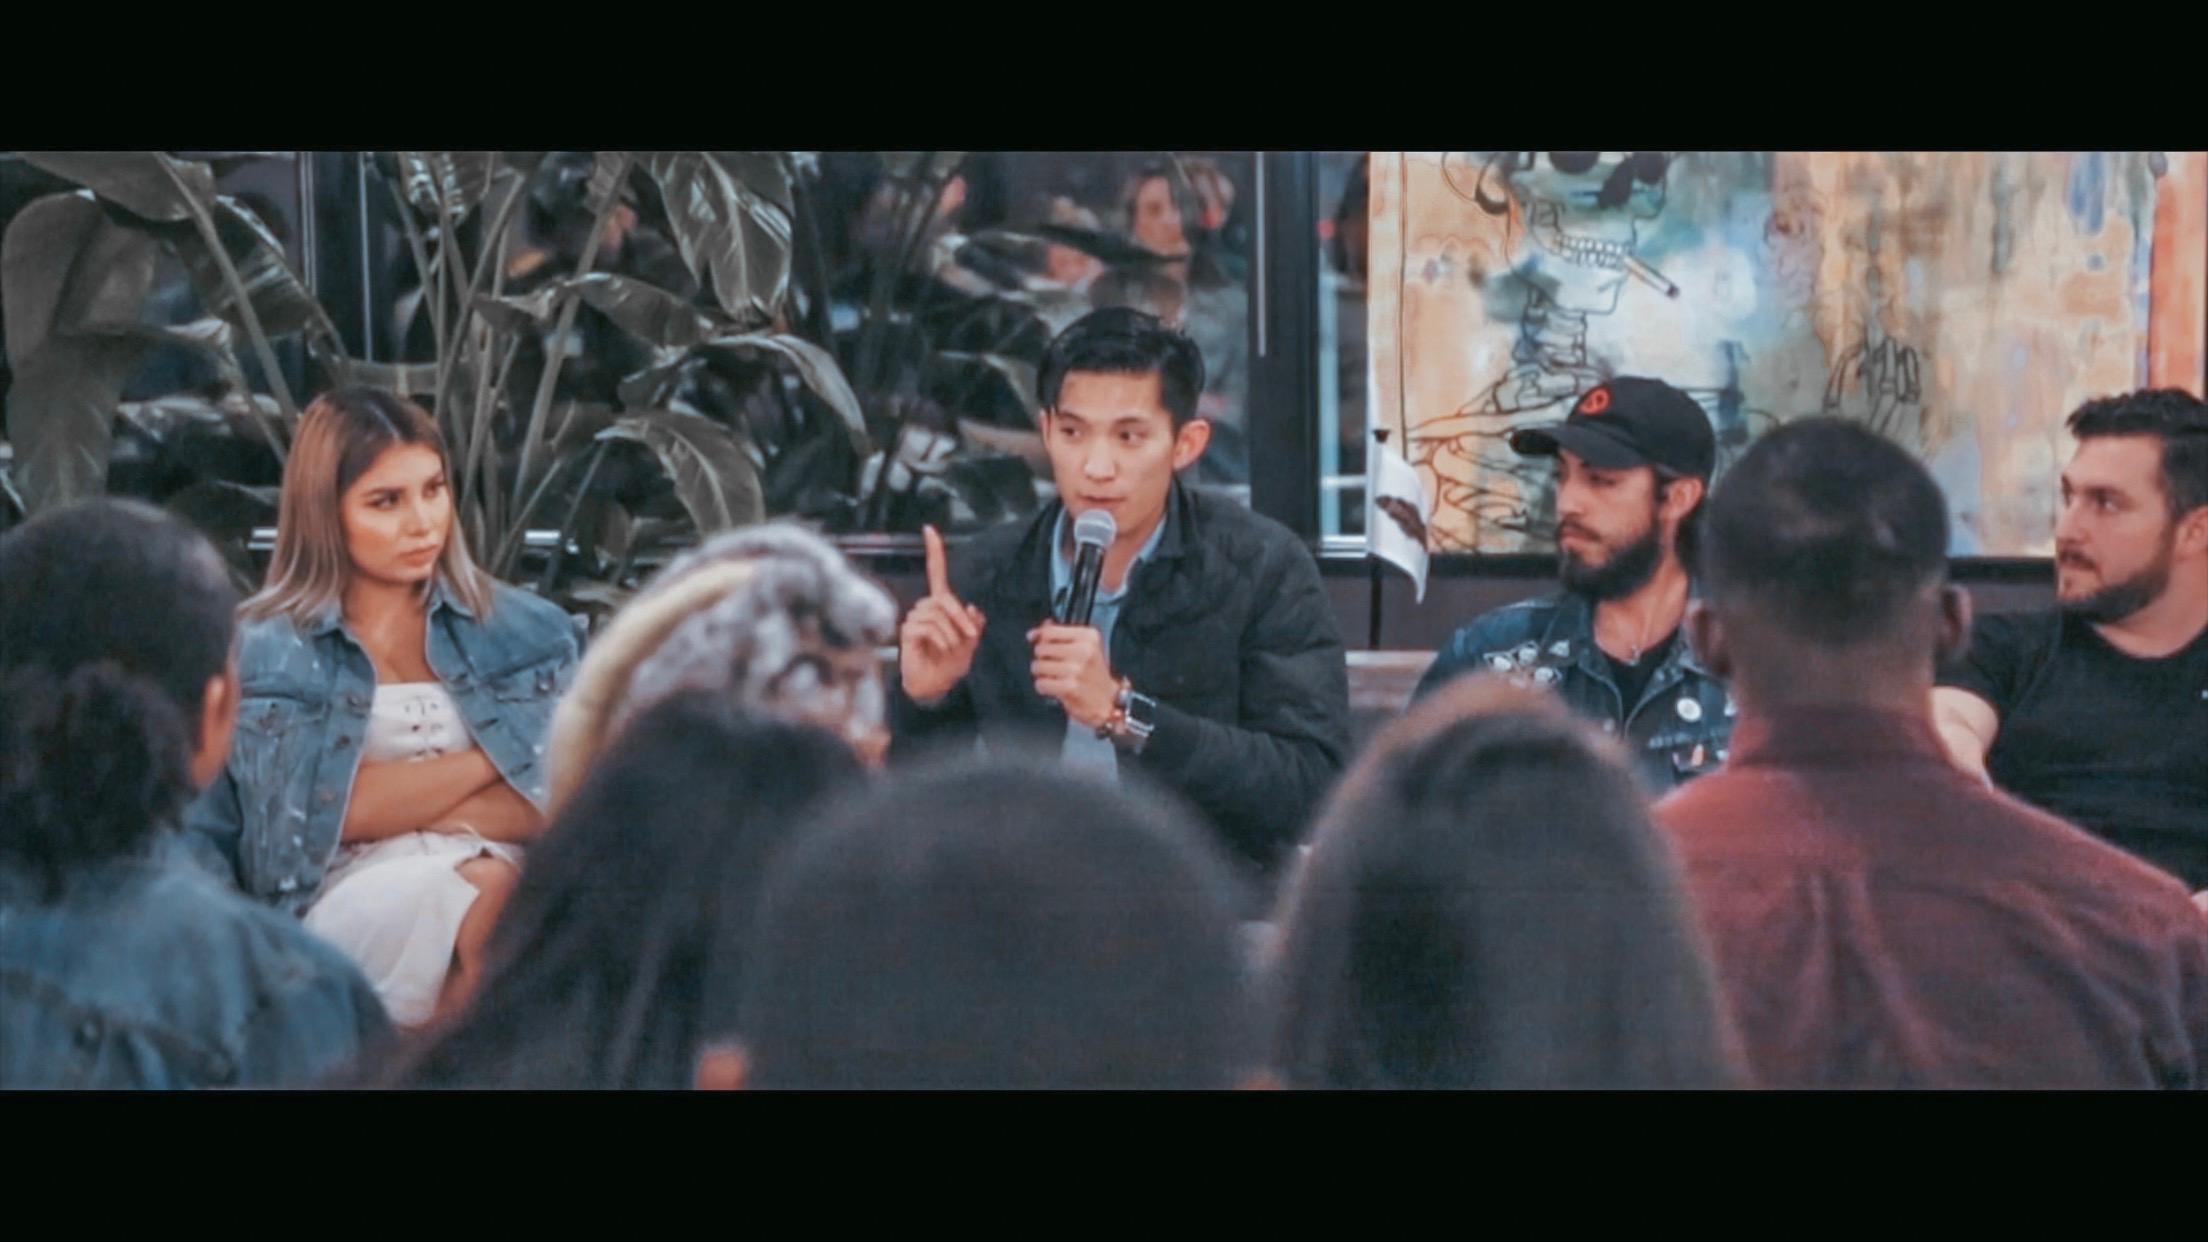 Speaking at the Entrepreneurship Panel at WeWork - Thanksgiving Tower